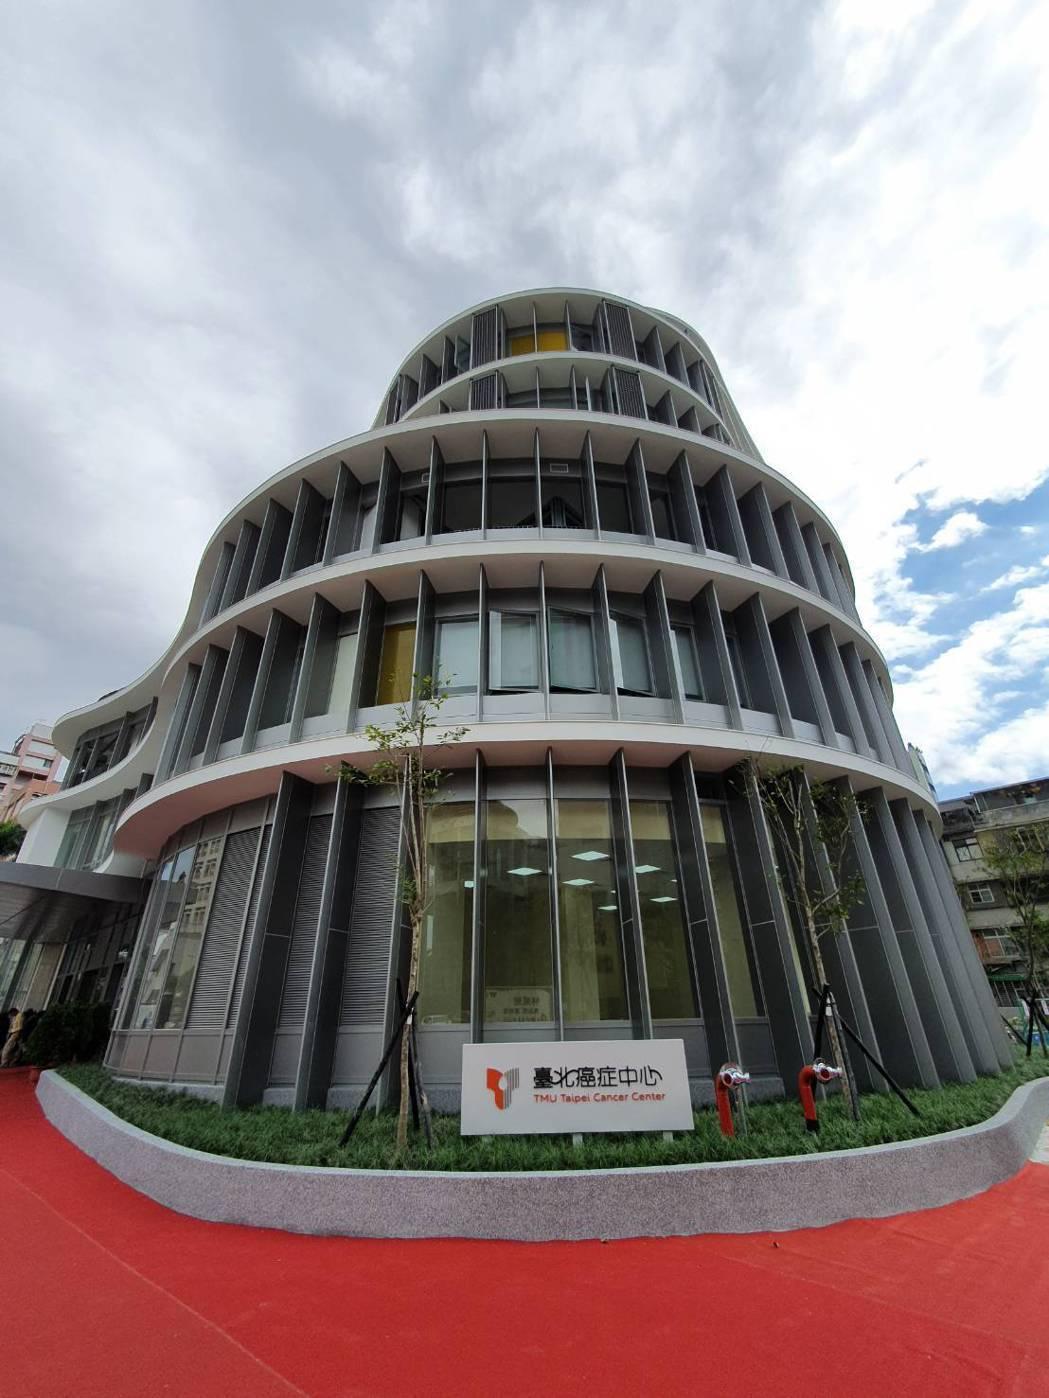 北醫台北癌症中心大樓落成,將於明年4月收治病患。記者楊雅棠/攝影